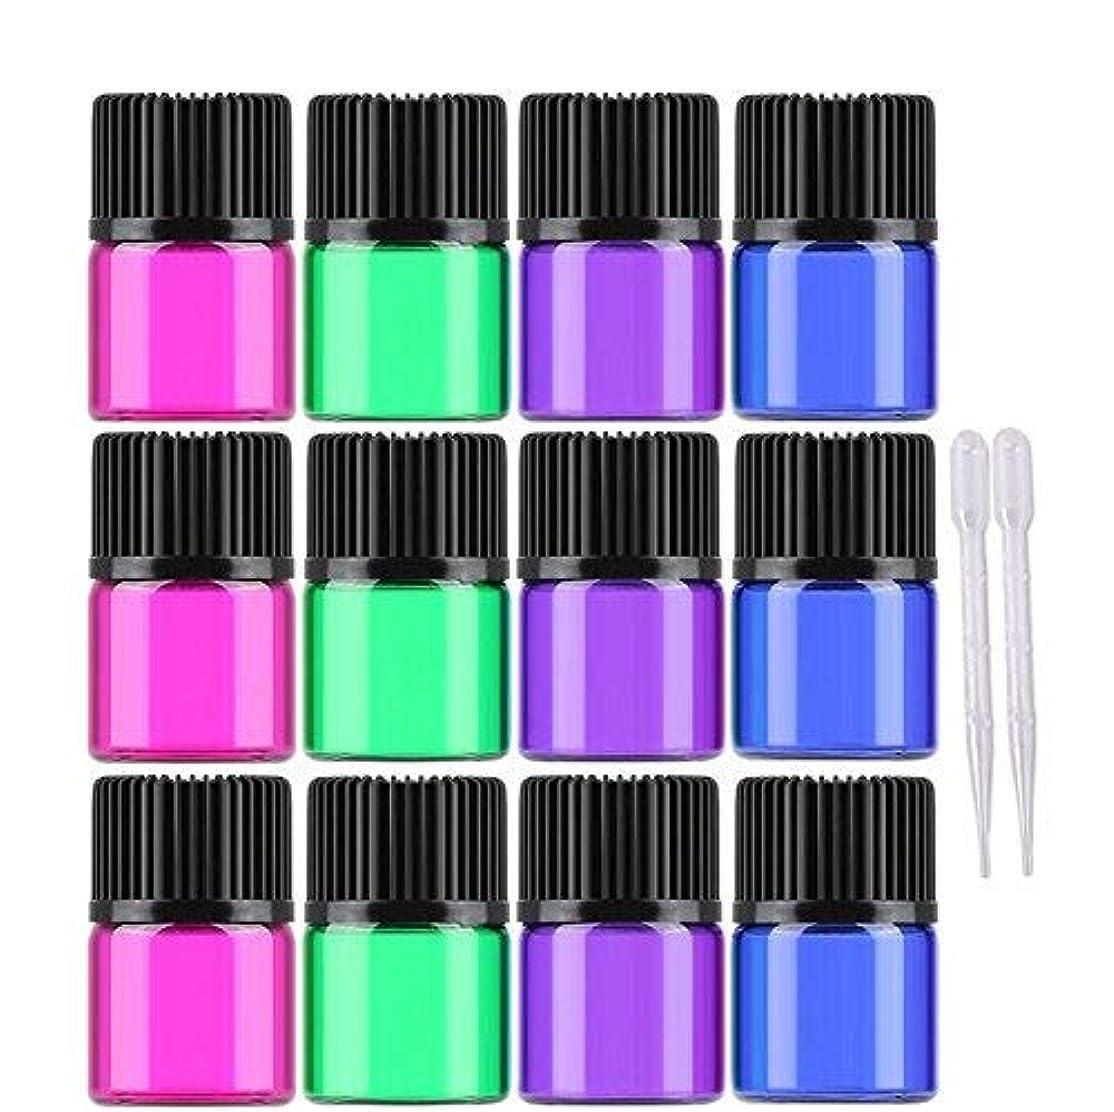 従事するメンダシティ思慮のない30 Pcs Essential oil Glass Bottles 1ml/2ml/3ml Mini Multicolor(blue,green,pink,purple) Empty Liquid Sample Vials...